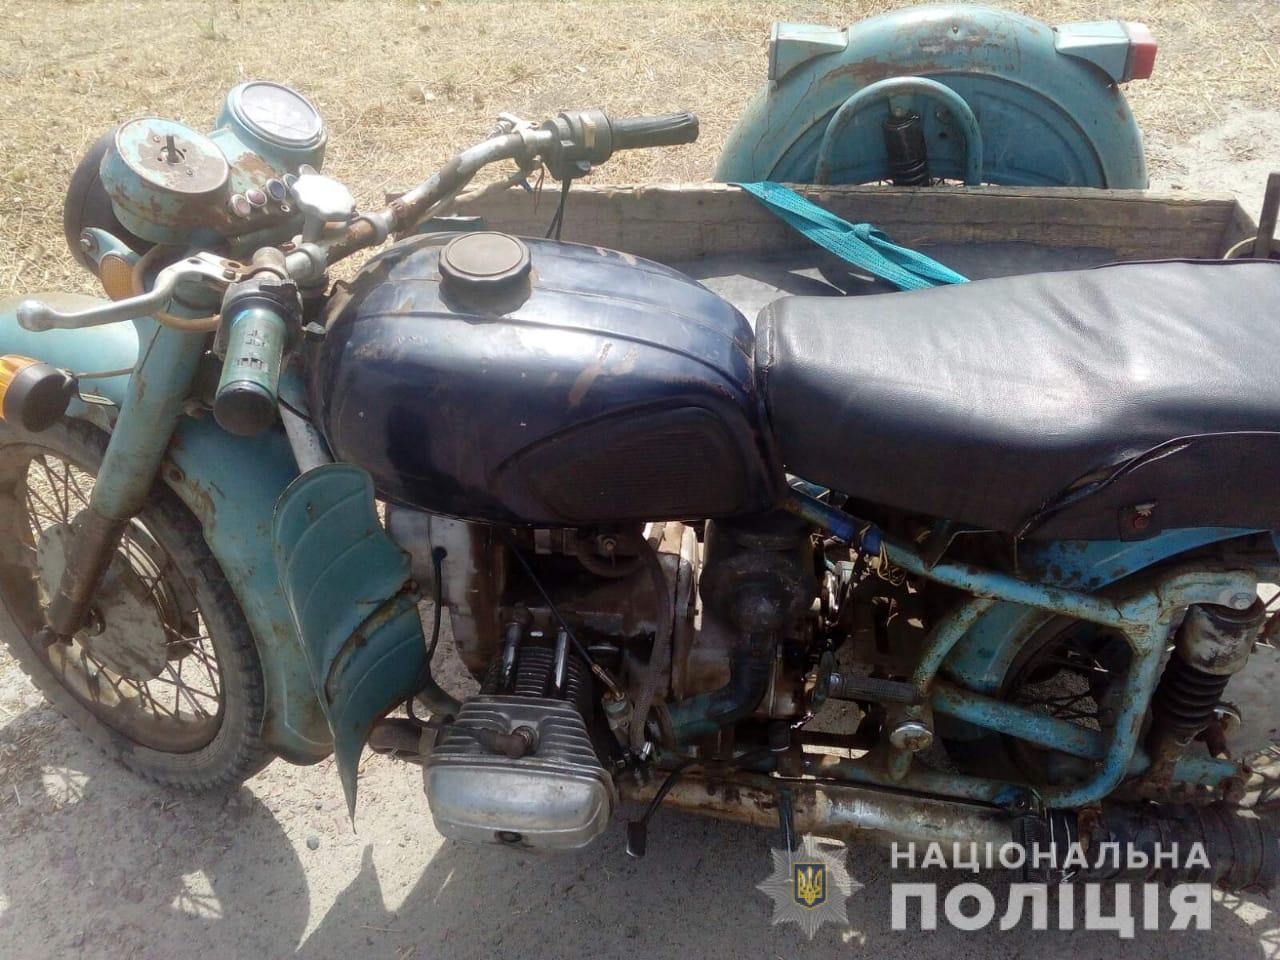 В Томаковском районе полицейские вернули владельцу угнанный мотоцикл